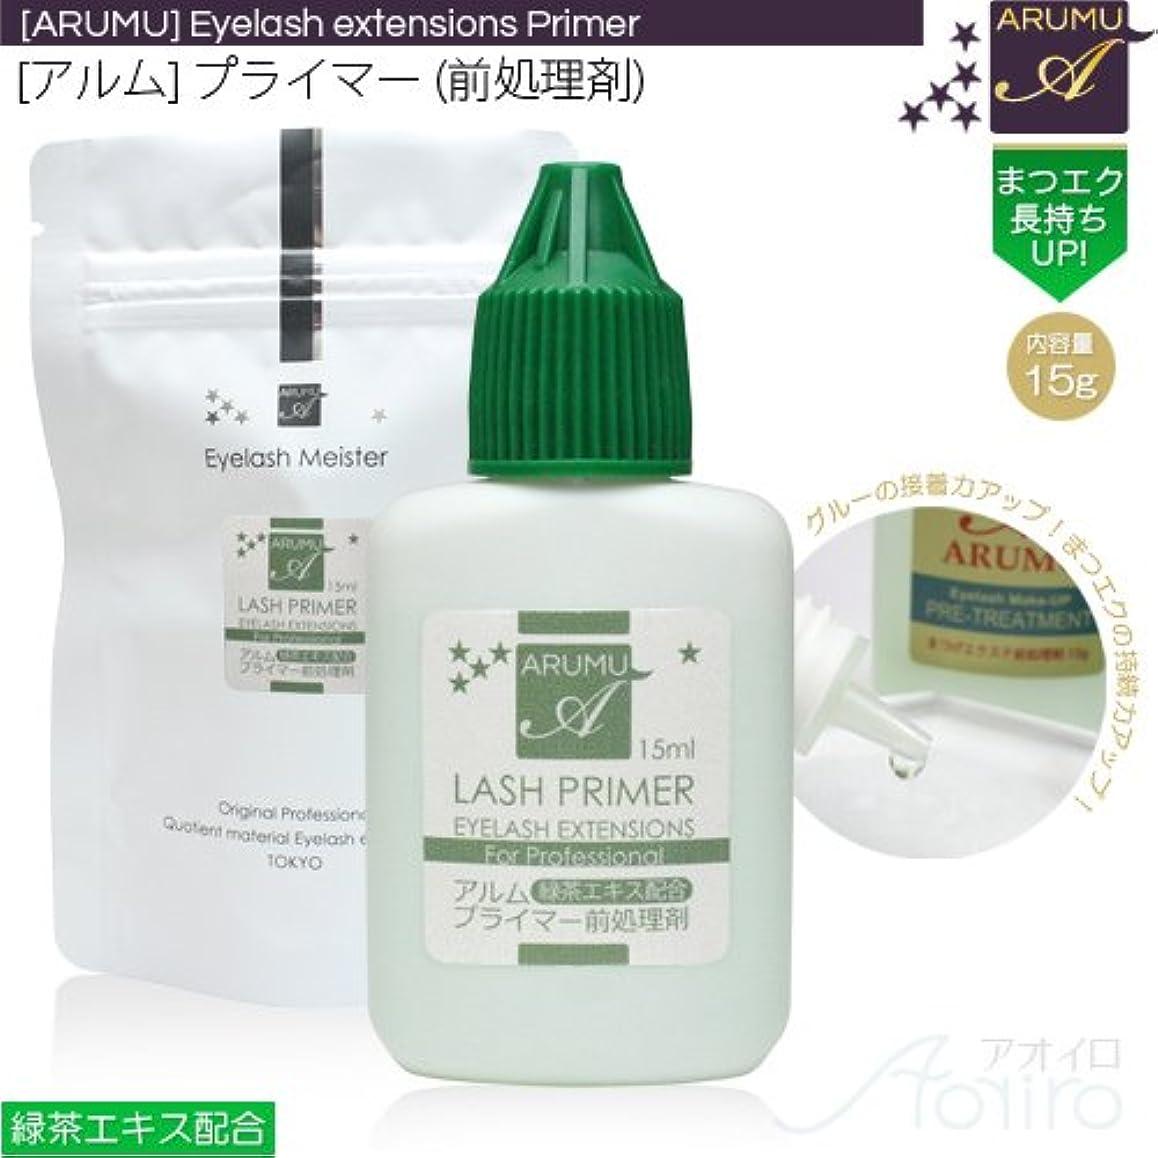 見つけた賃金コンドーム【ARUMU アルム】まつげエクステ専用緑茶配合前処理剤 (1個)